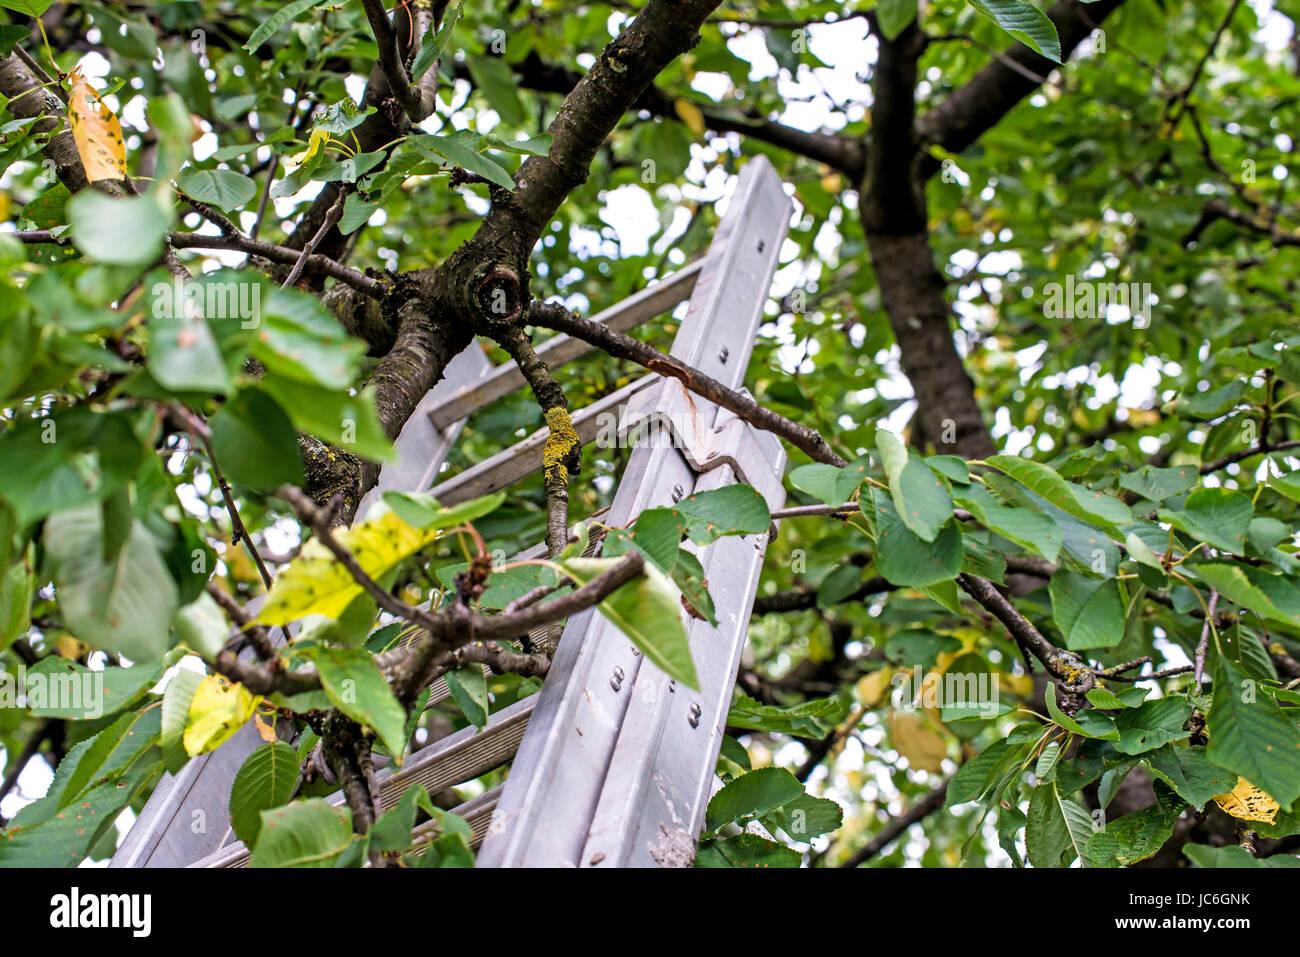 leiter ein obstbaum stockfoto bild 145203679 alamy. Black Bedroom Furniture Sets. Home Design Ideas